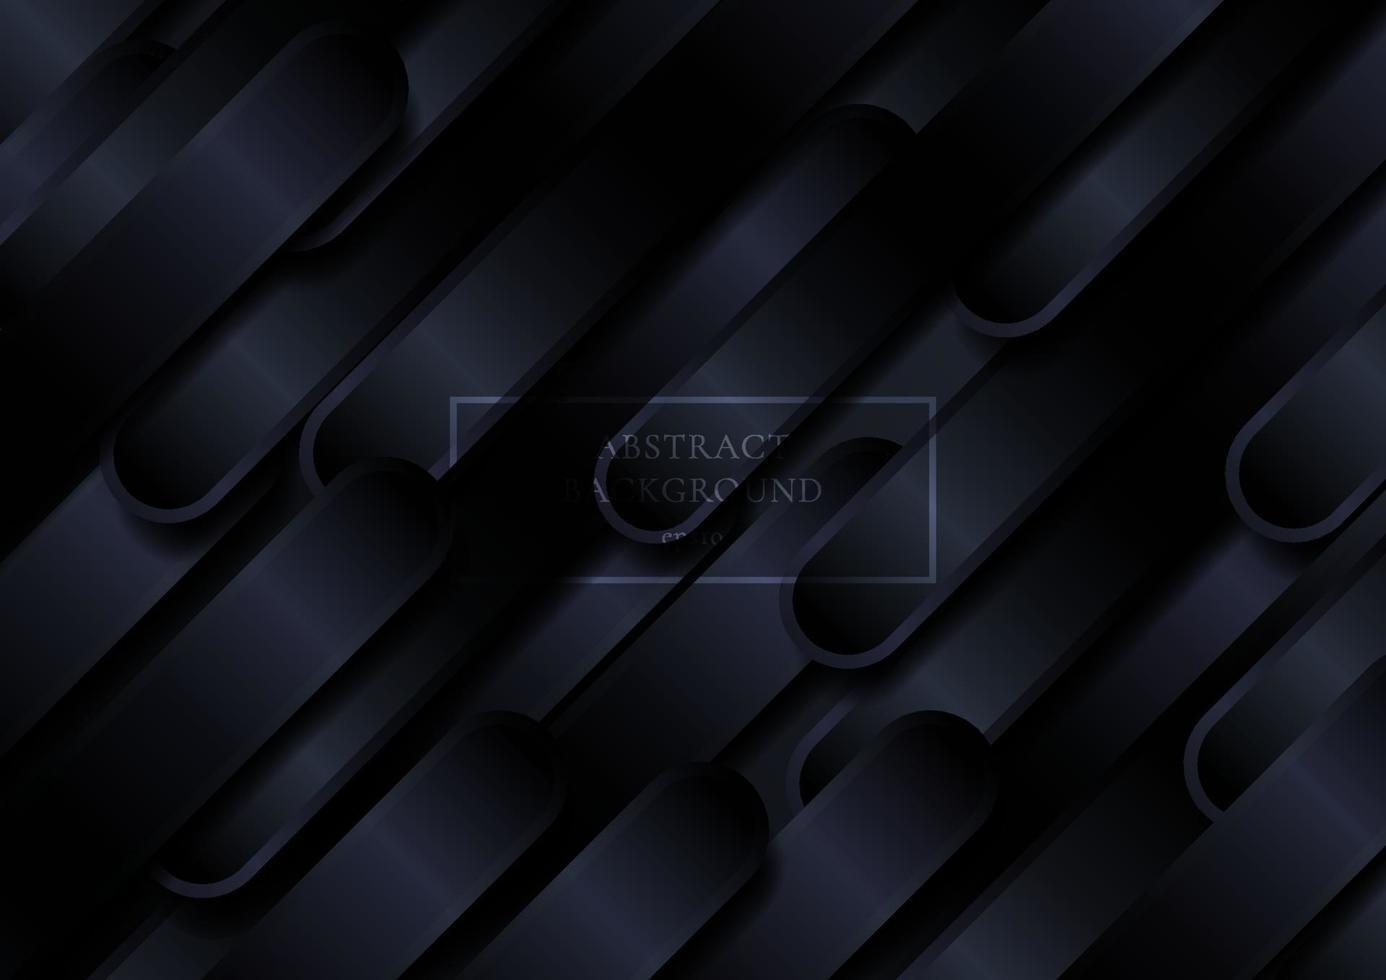 abstrakte schwarze Diagonale abgerundete Formen Linienmuster Hintergrund. vektor